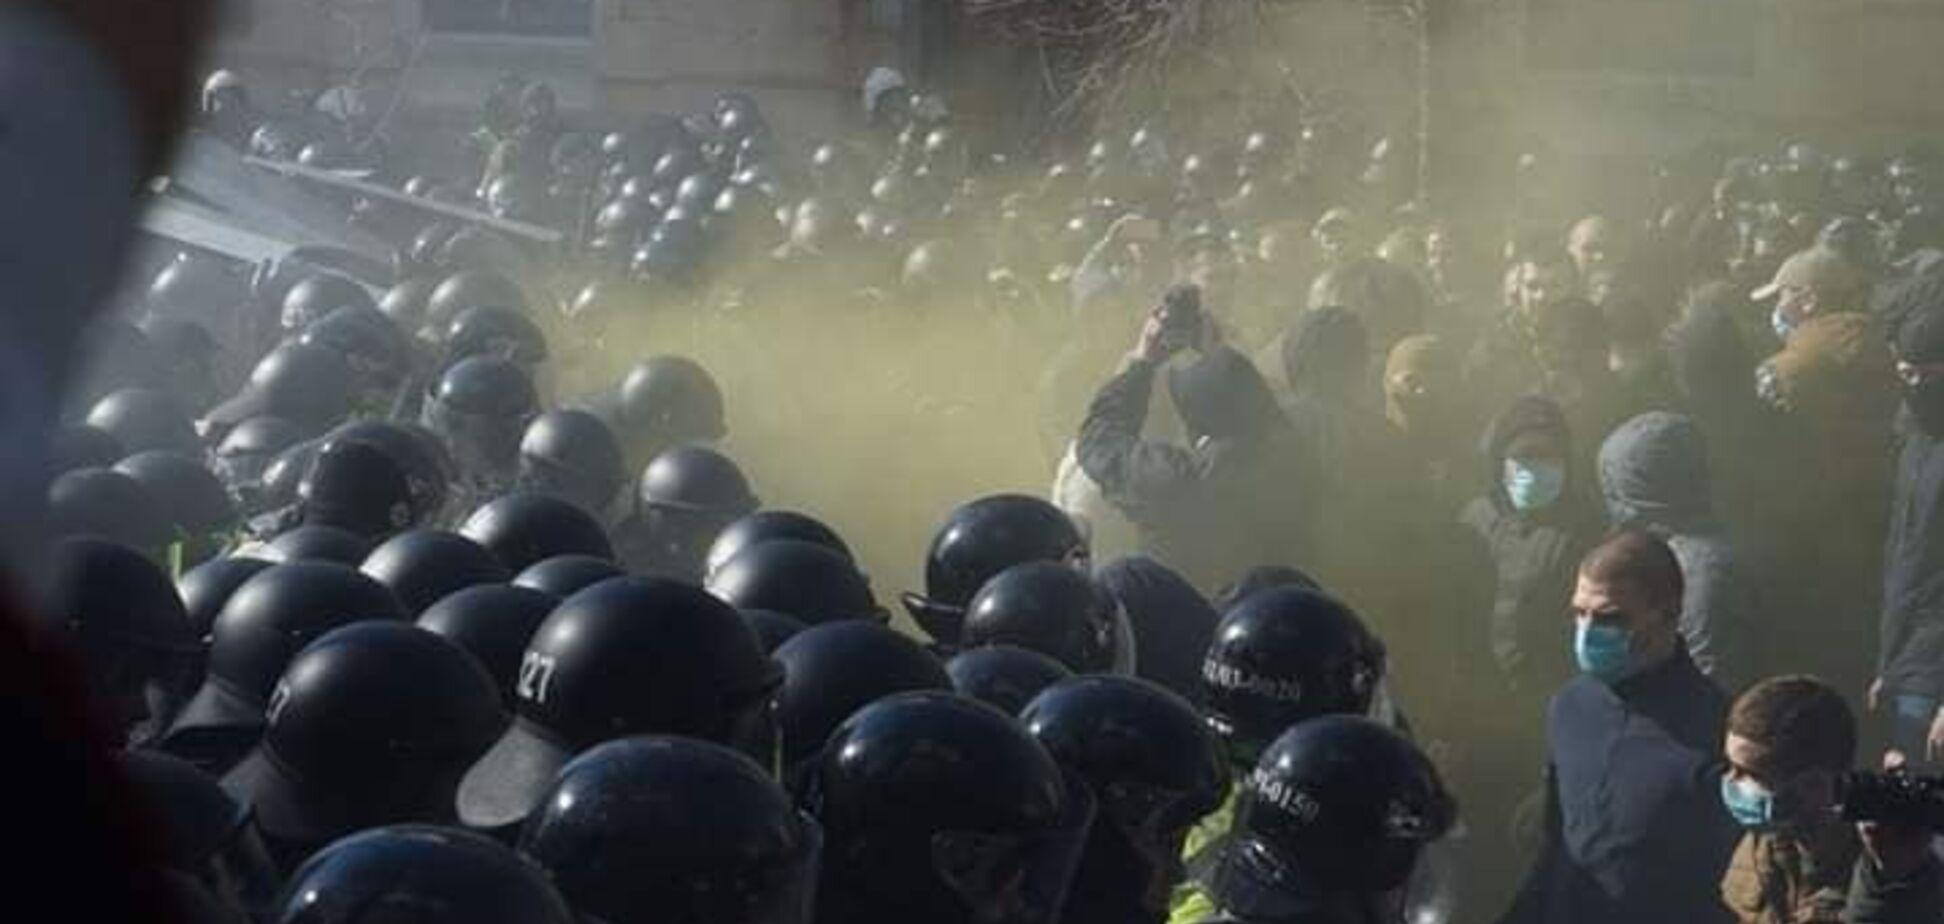 У Києві та Черкасах відбулися зіткнення Нацкорпусу і поліції: фото та відео масштабного протесту